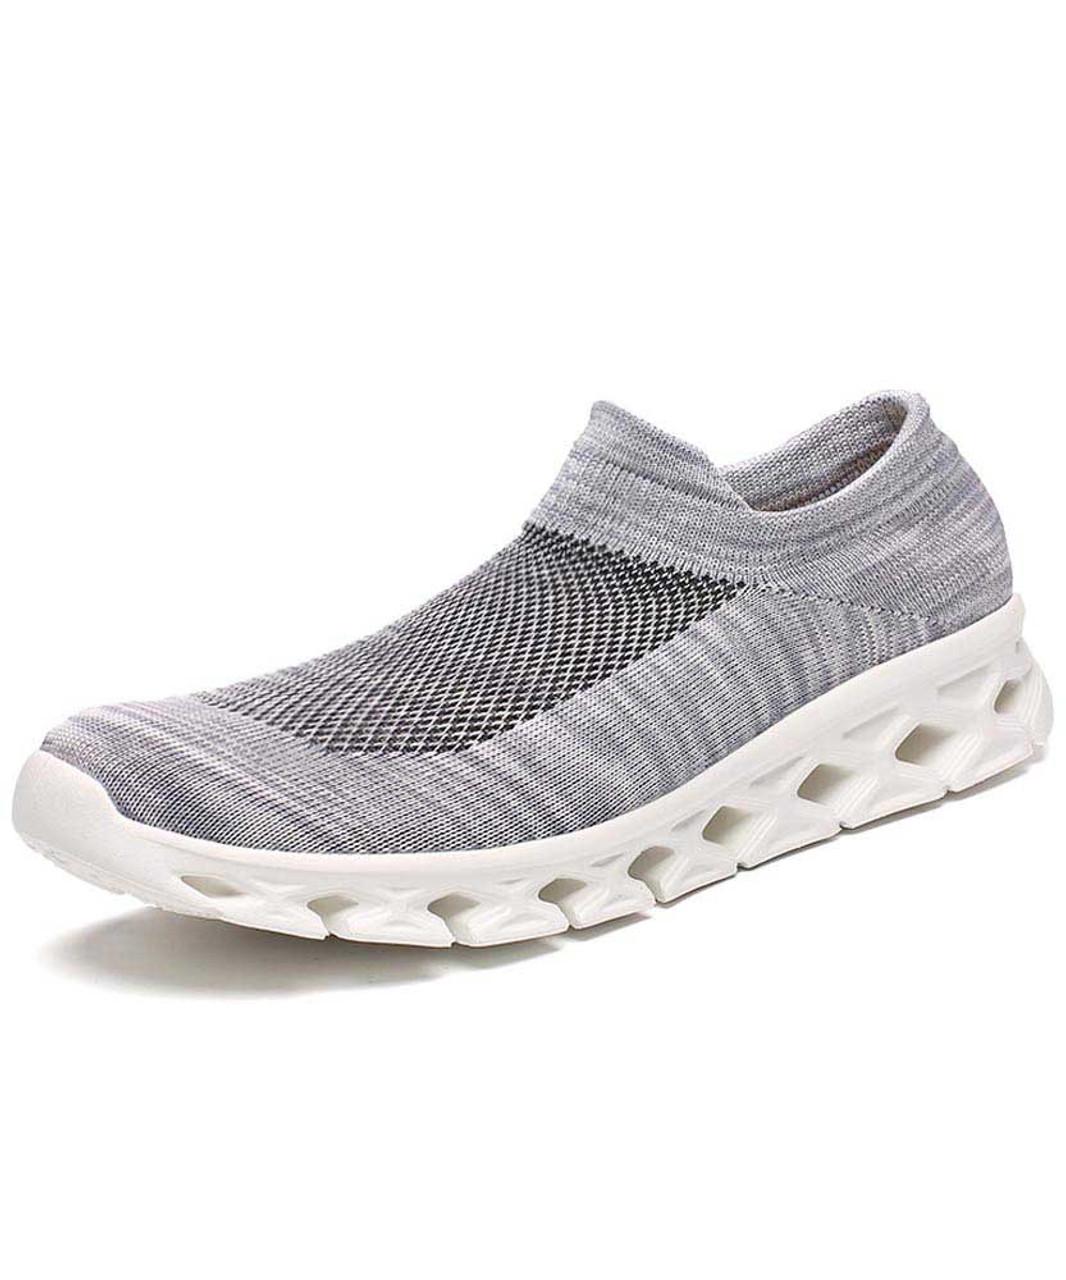 Grey texture pattern flyknit slip on